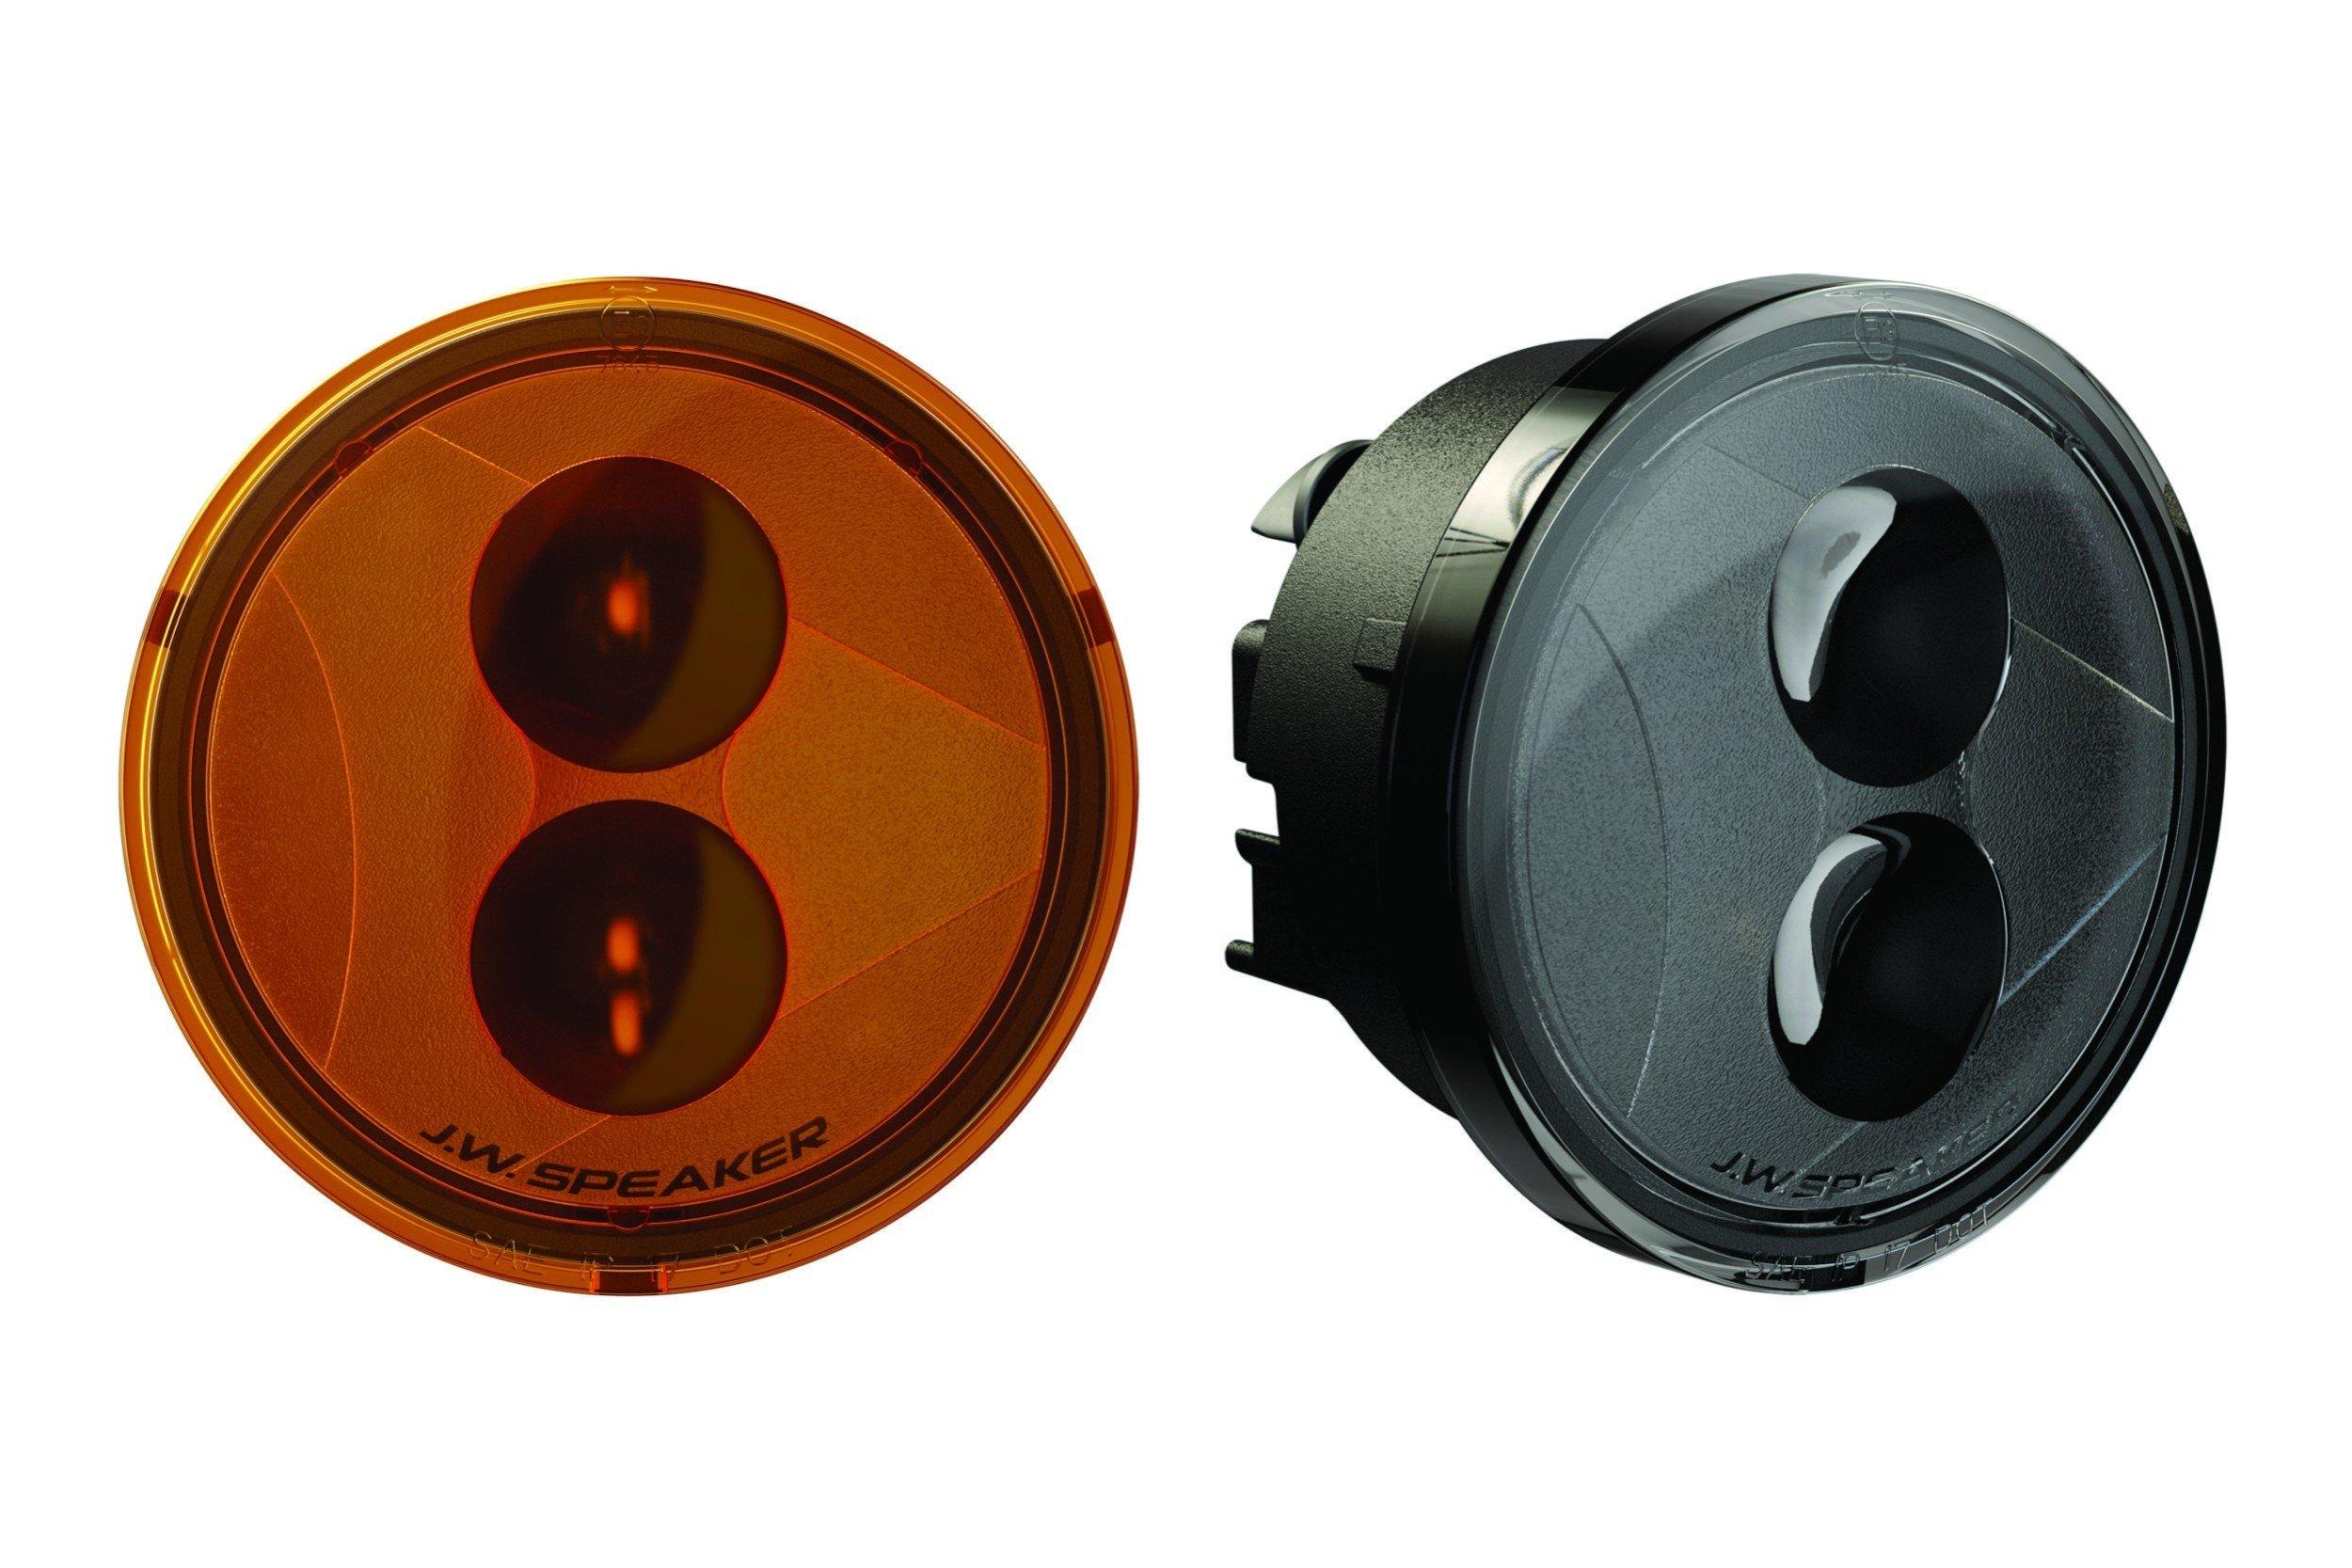 LED Blinkleuchten Set, J.W. Speaker Model 239 J2 Series